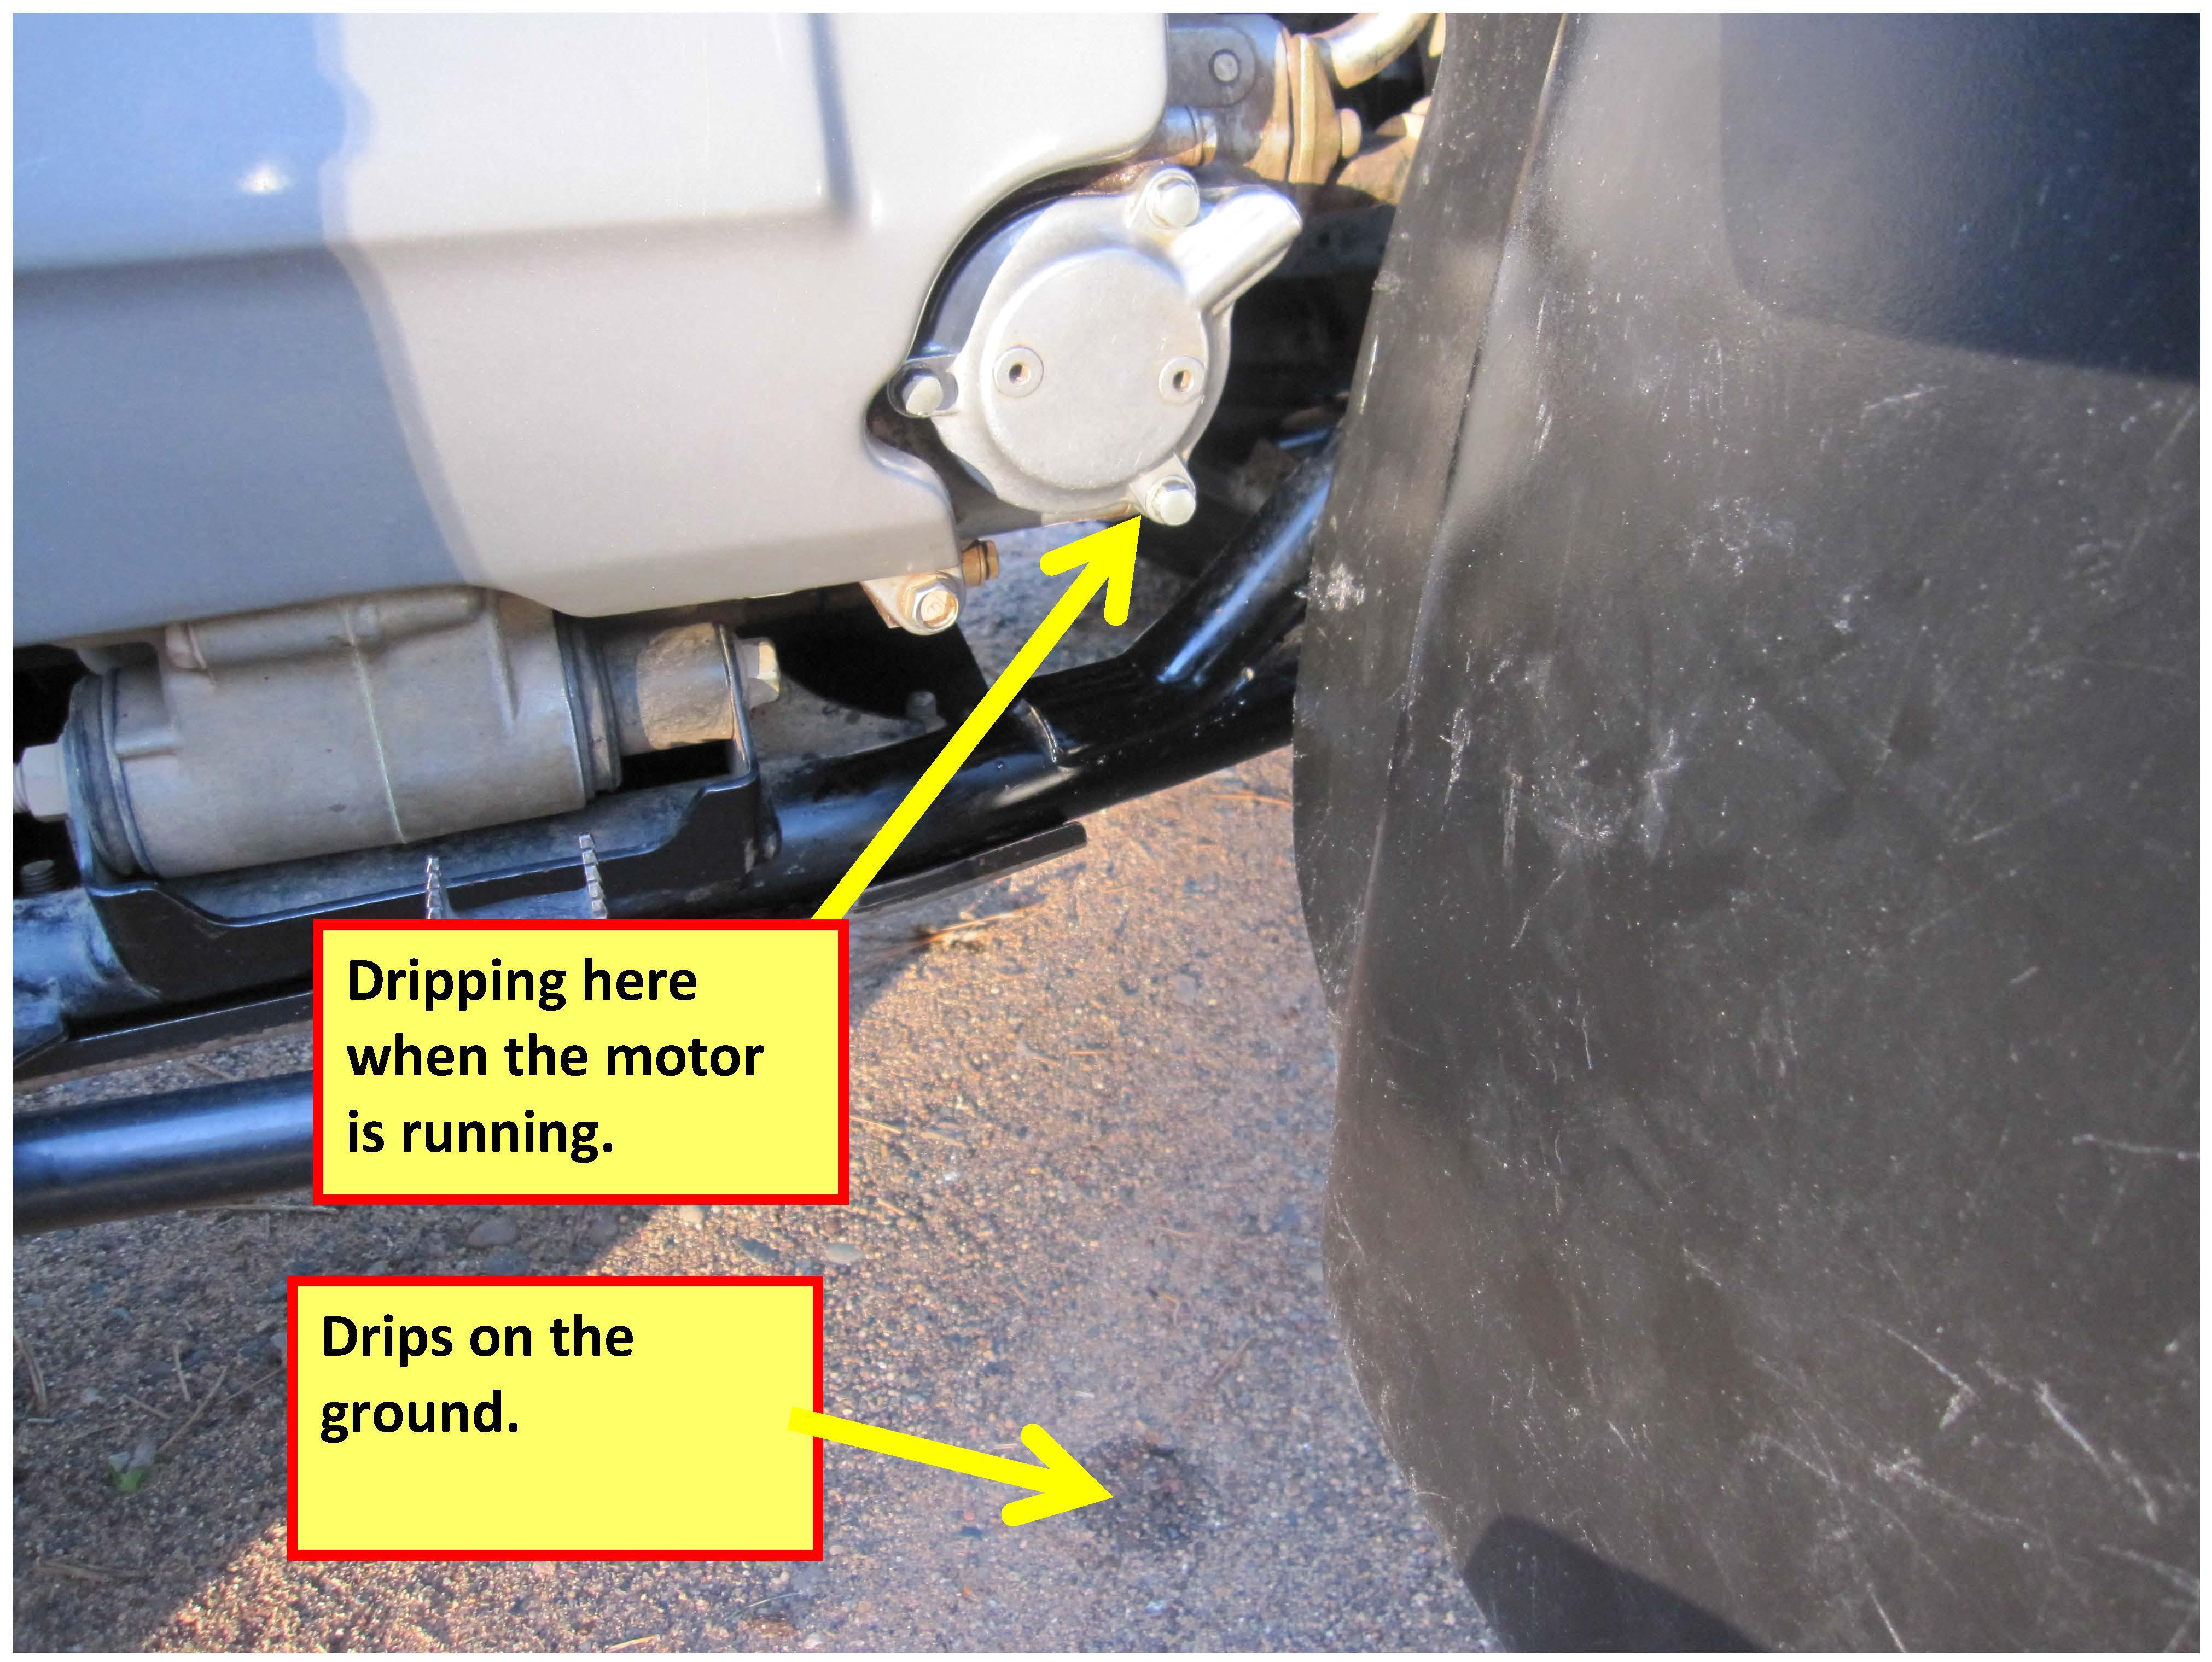 450 foreman oil filter plate leak please help honda atv forumOil Filter Location Honda Foreman 500 Wiring Honda Foreman Oil Filter #17